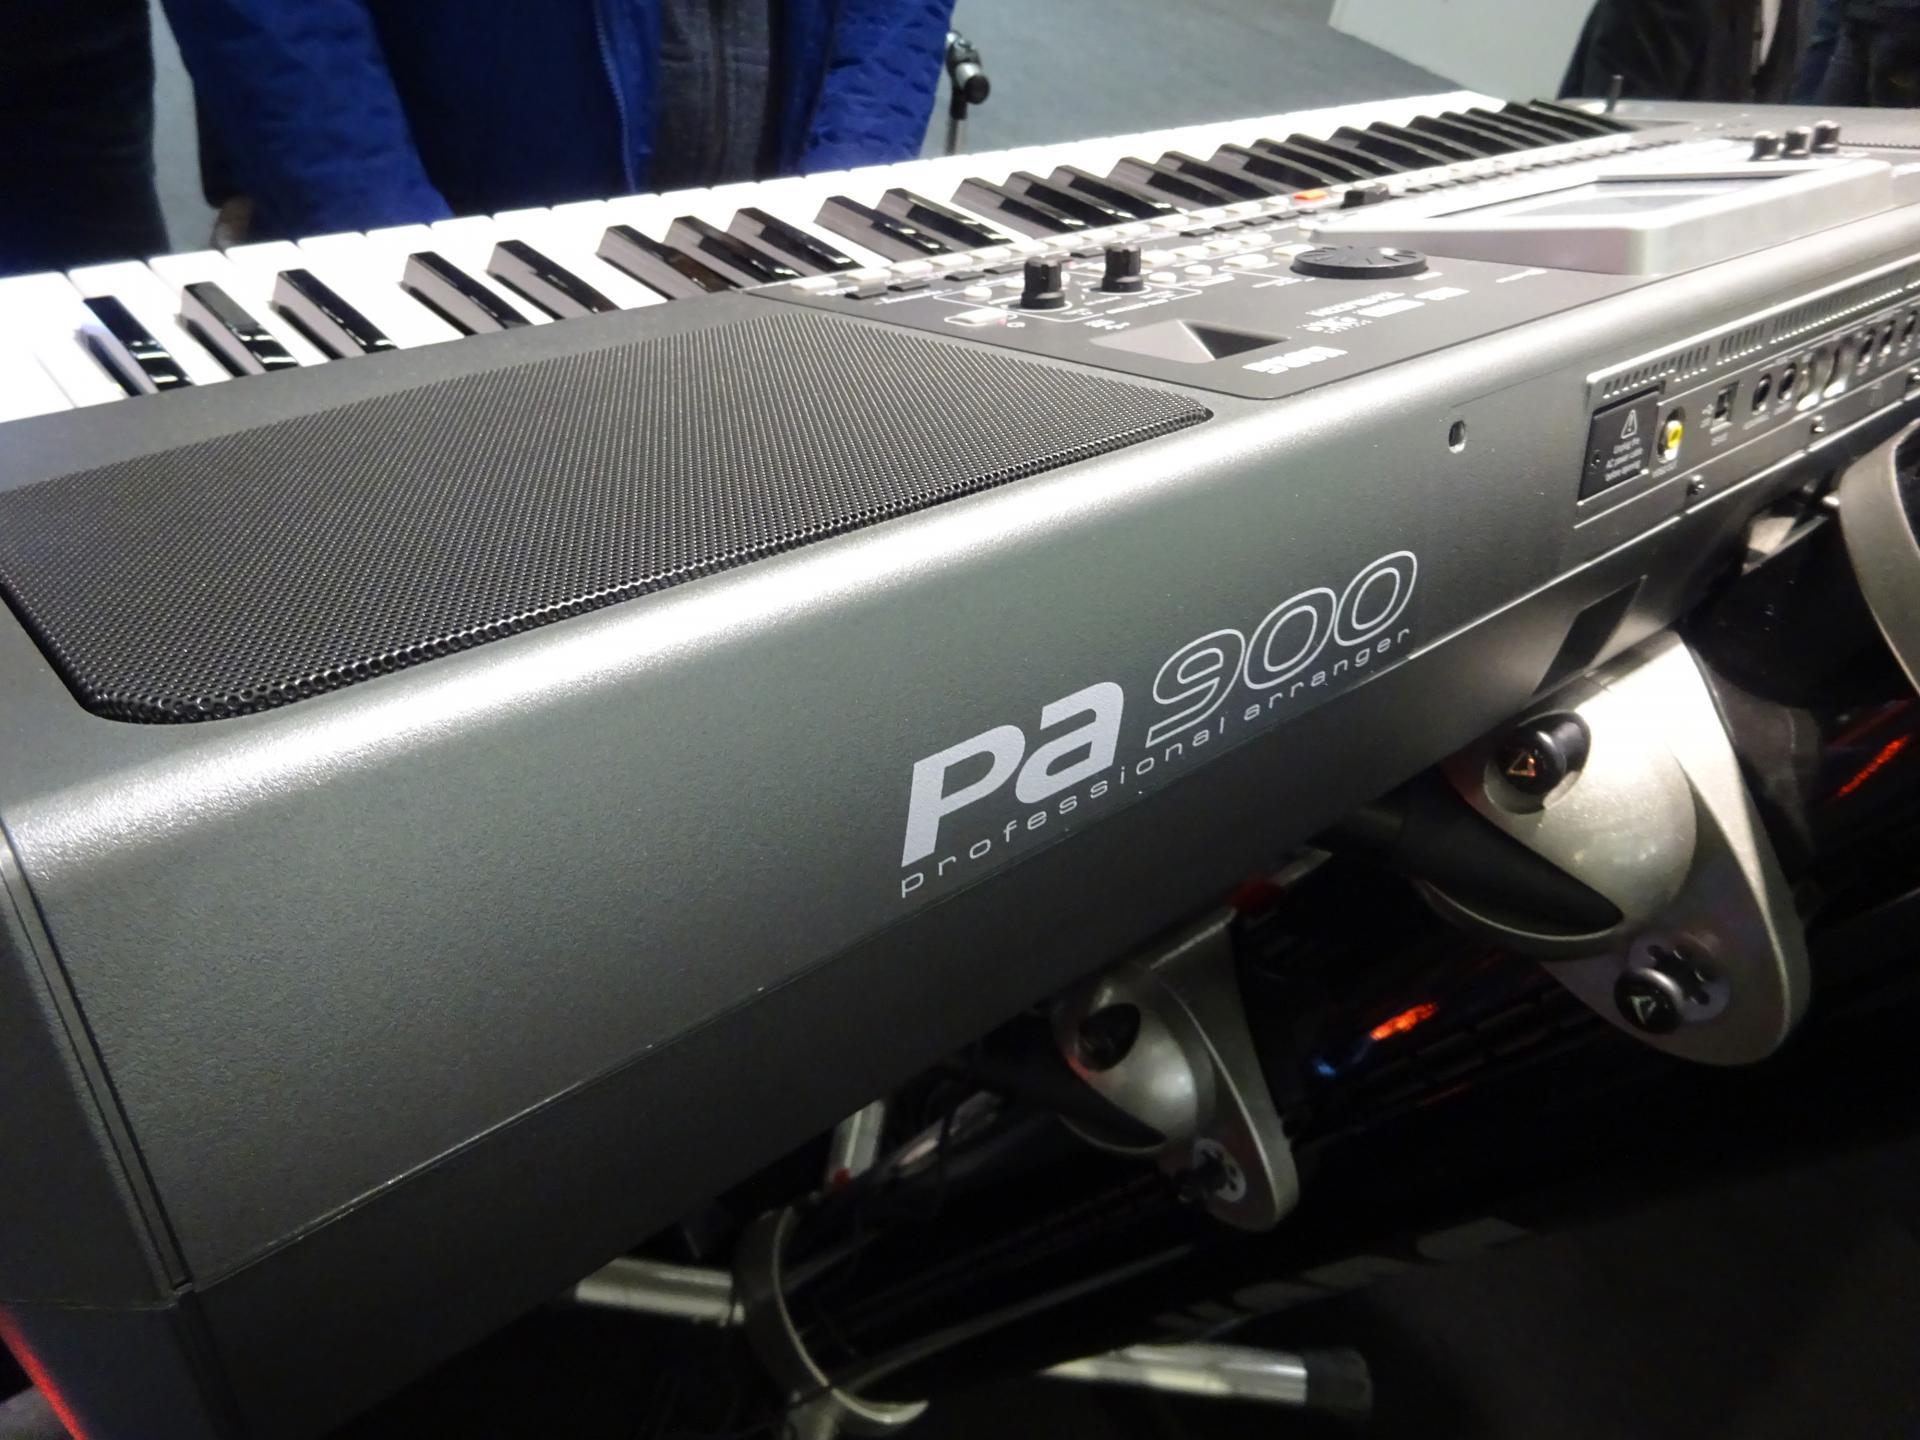 Pa900 arr